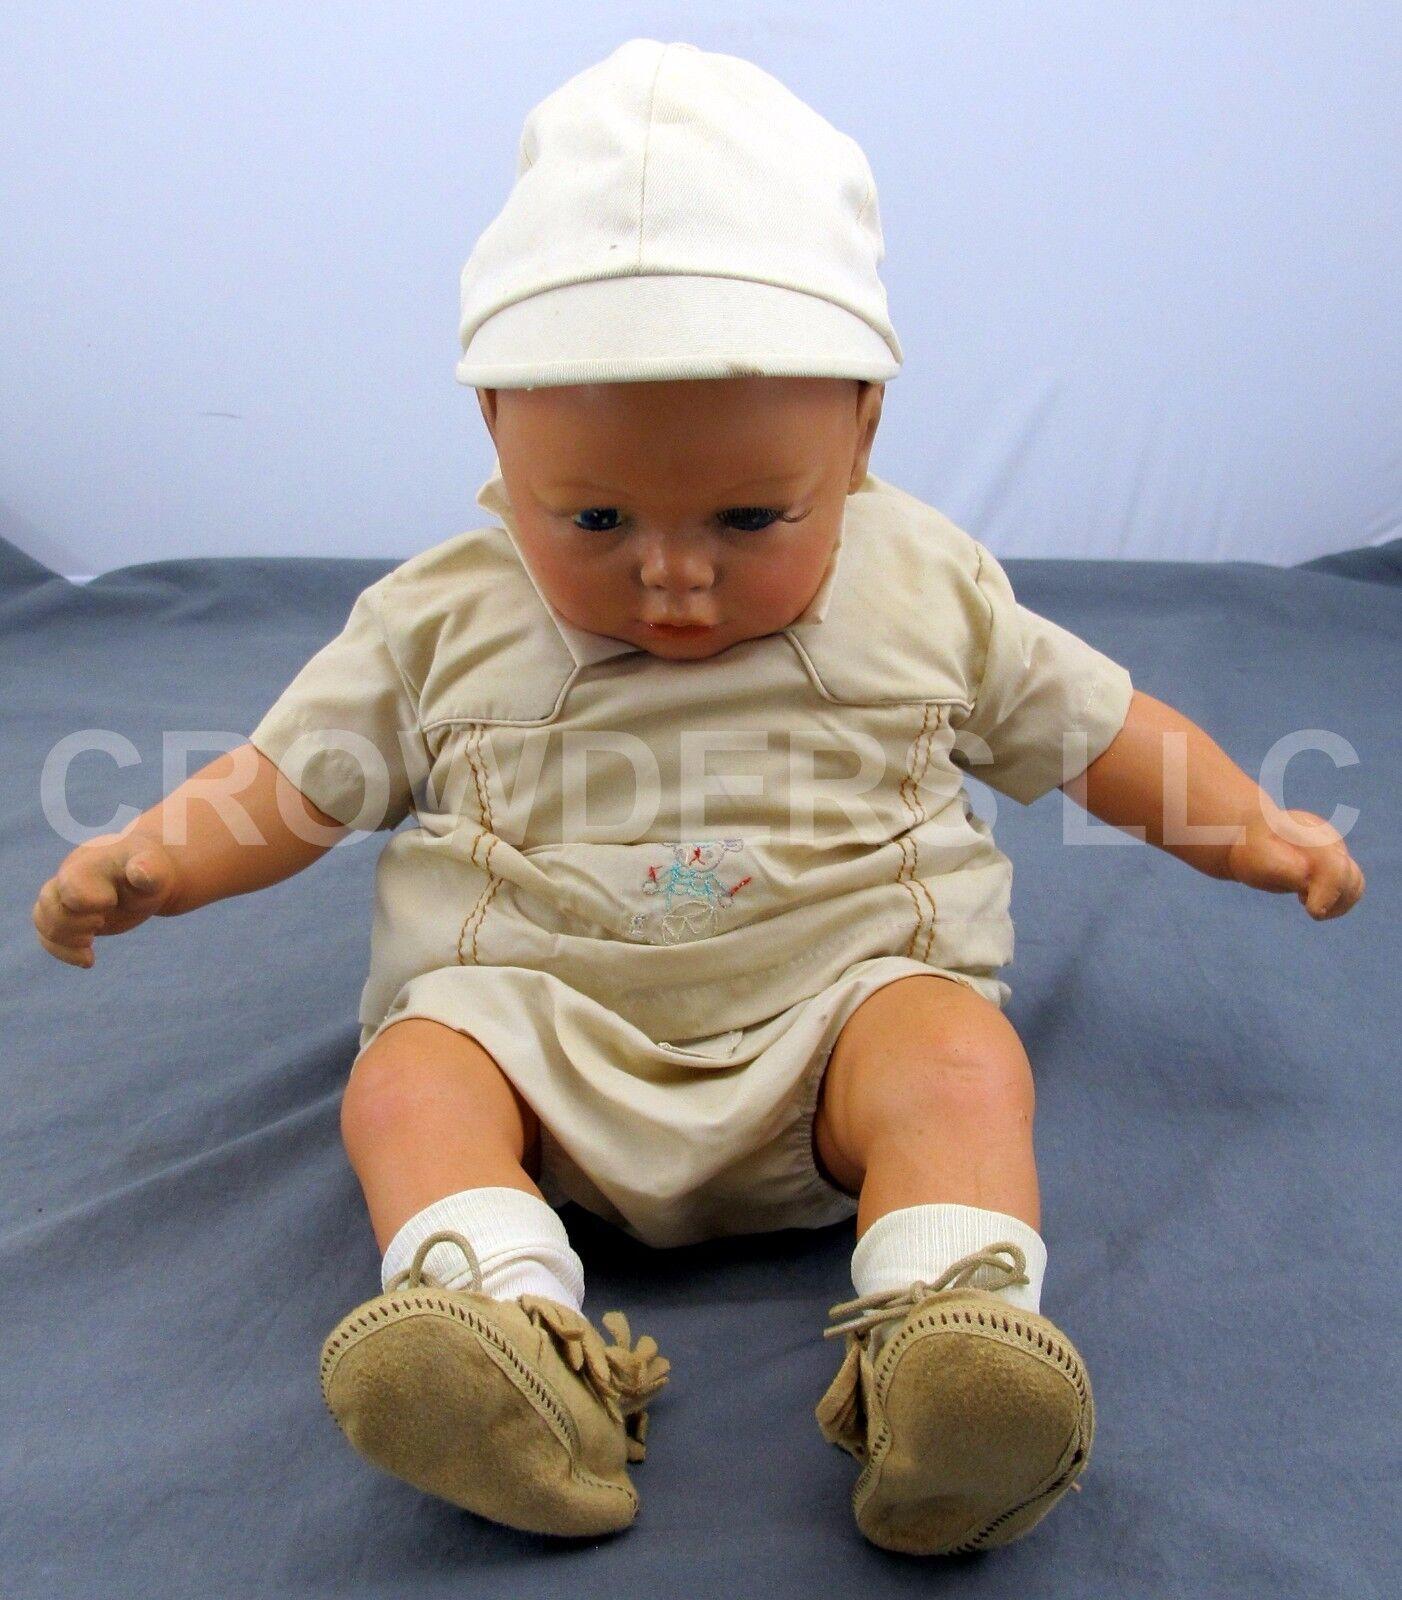 Vintage 1985 hecho a mano en en en Summerville SC de cerámica bebé muñeca por Jeannette Driggers  barato y de alta calidad